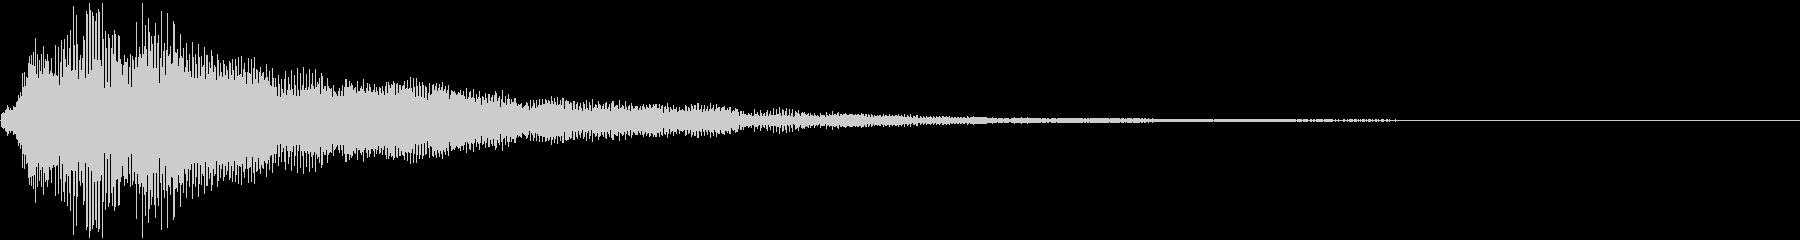 アプリ・タッチ・キャンセル音8の未再生の波形